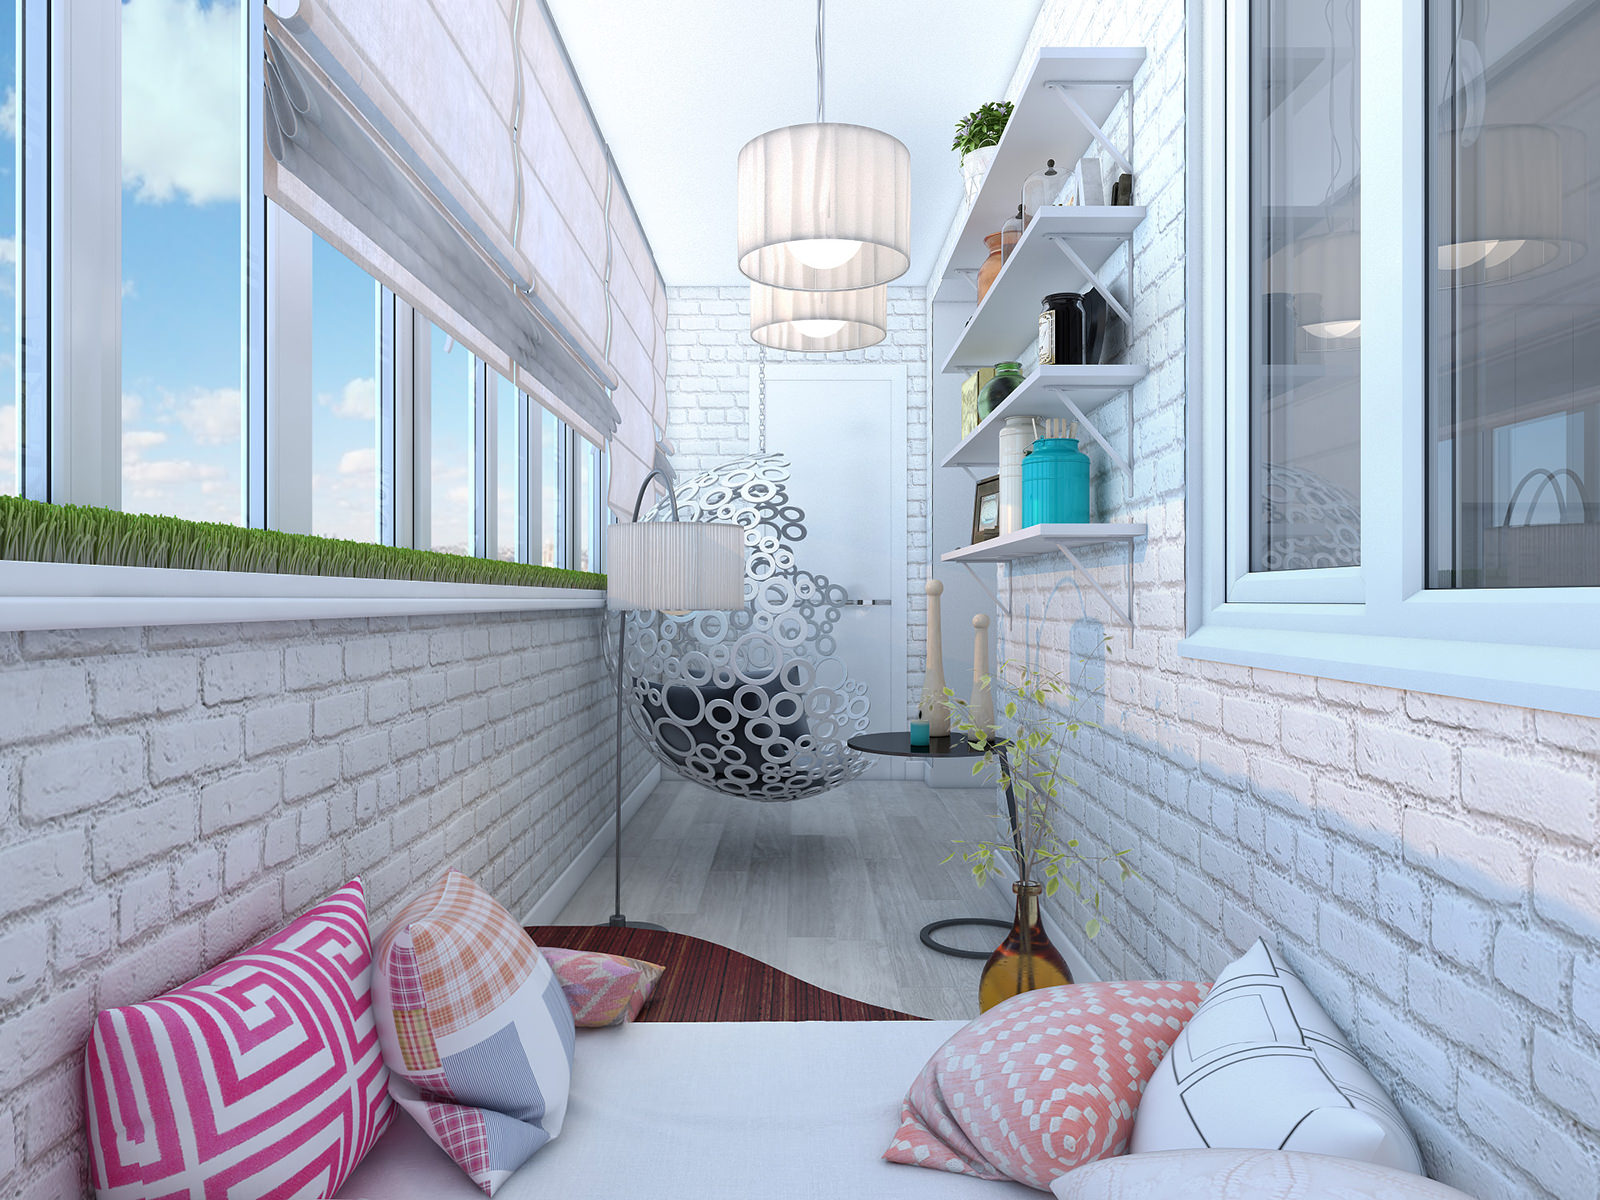 Дизайн маленького балкона - designinsider.ru.